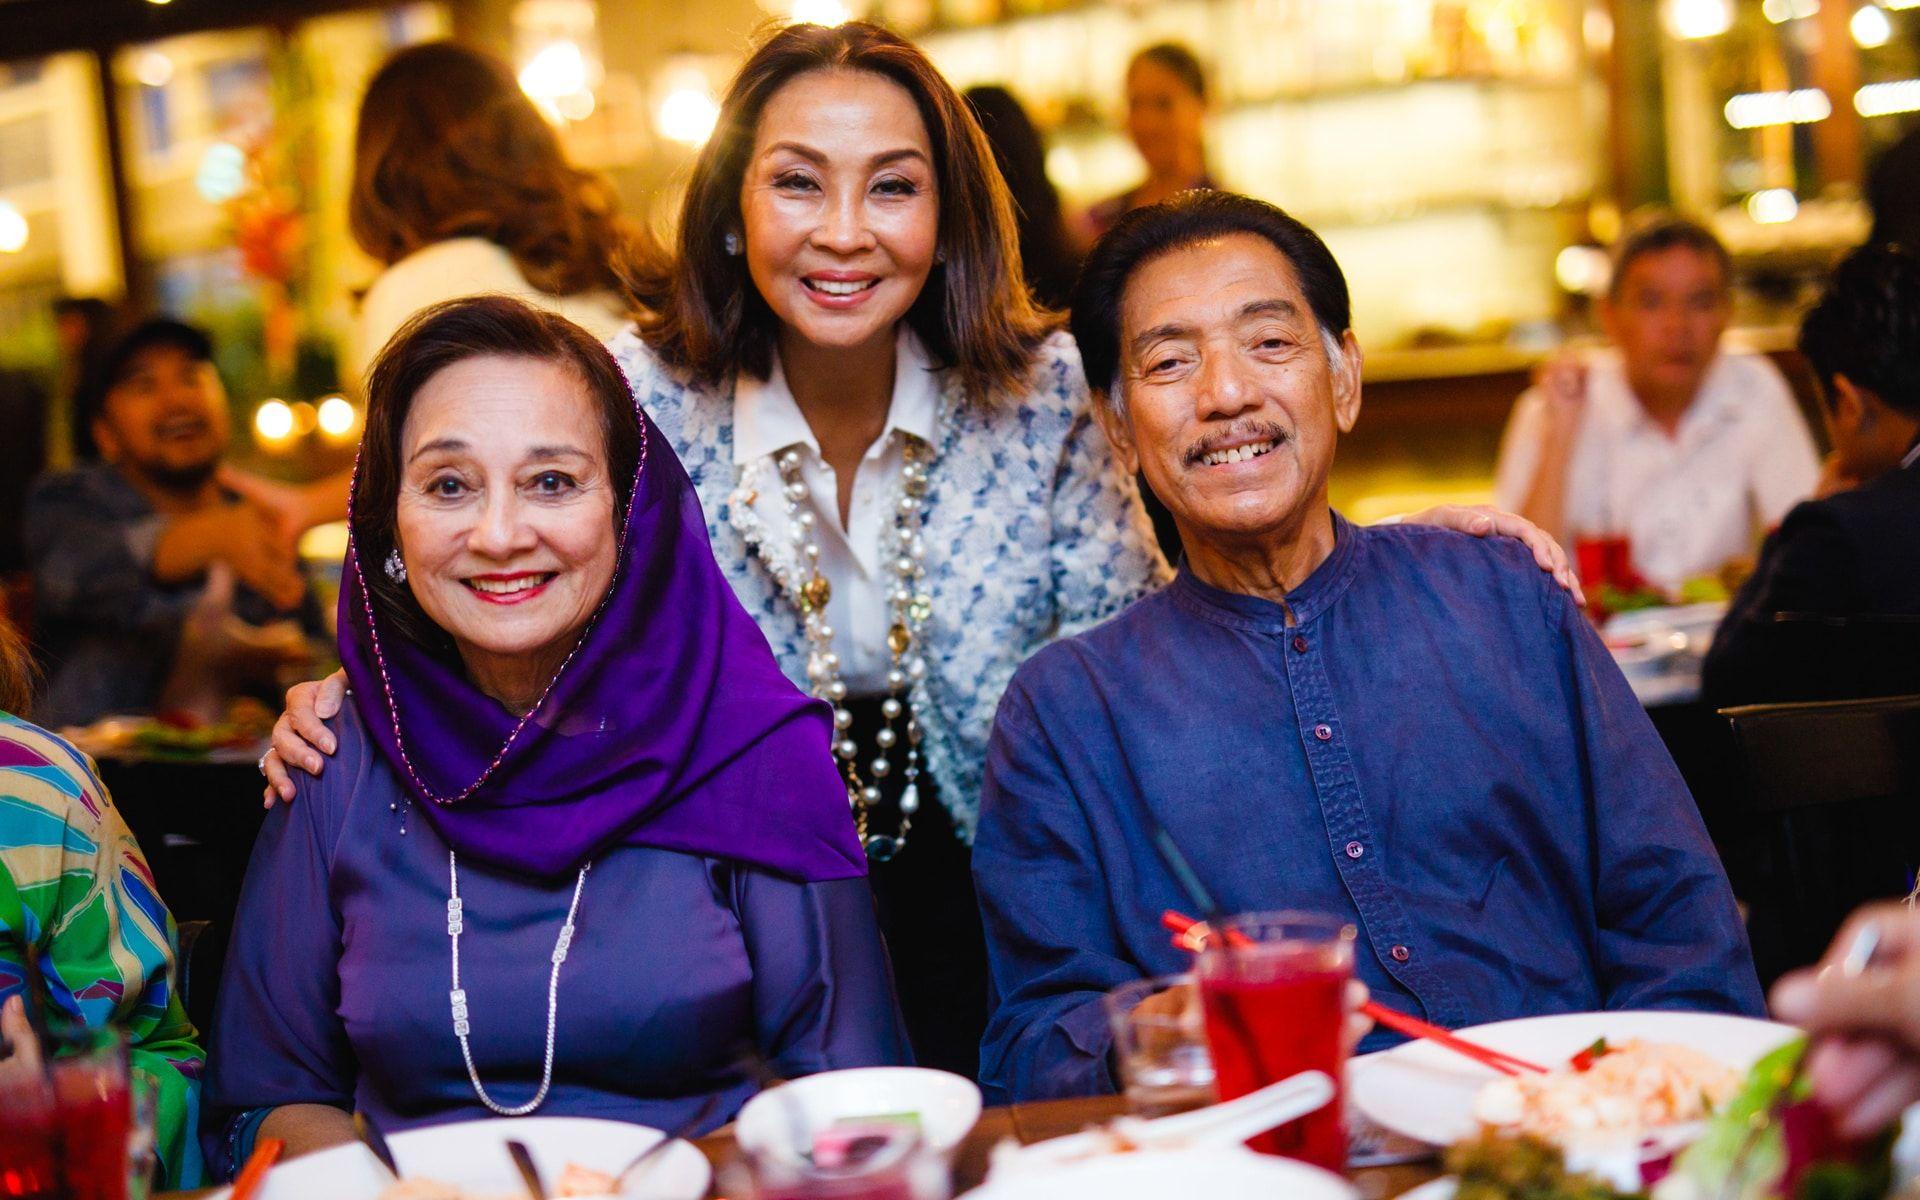 Tunku Dara Tunku Tan Sri Naquiah, Dato' Seri Farah Khan and Tunku Datuk Mudzaffar